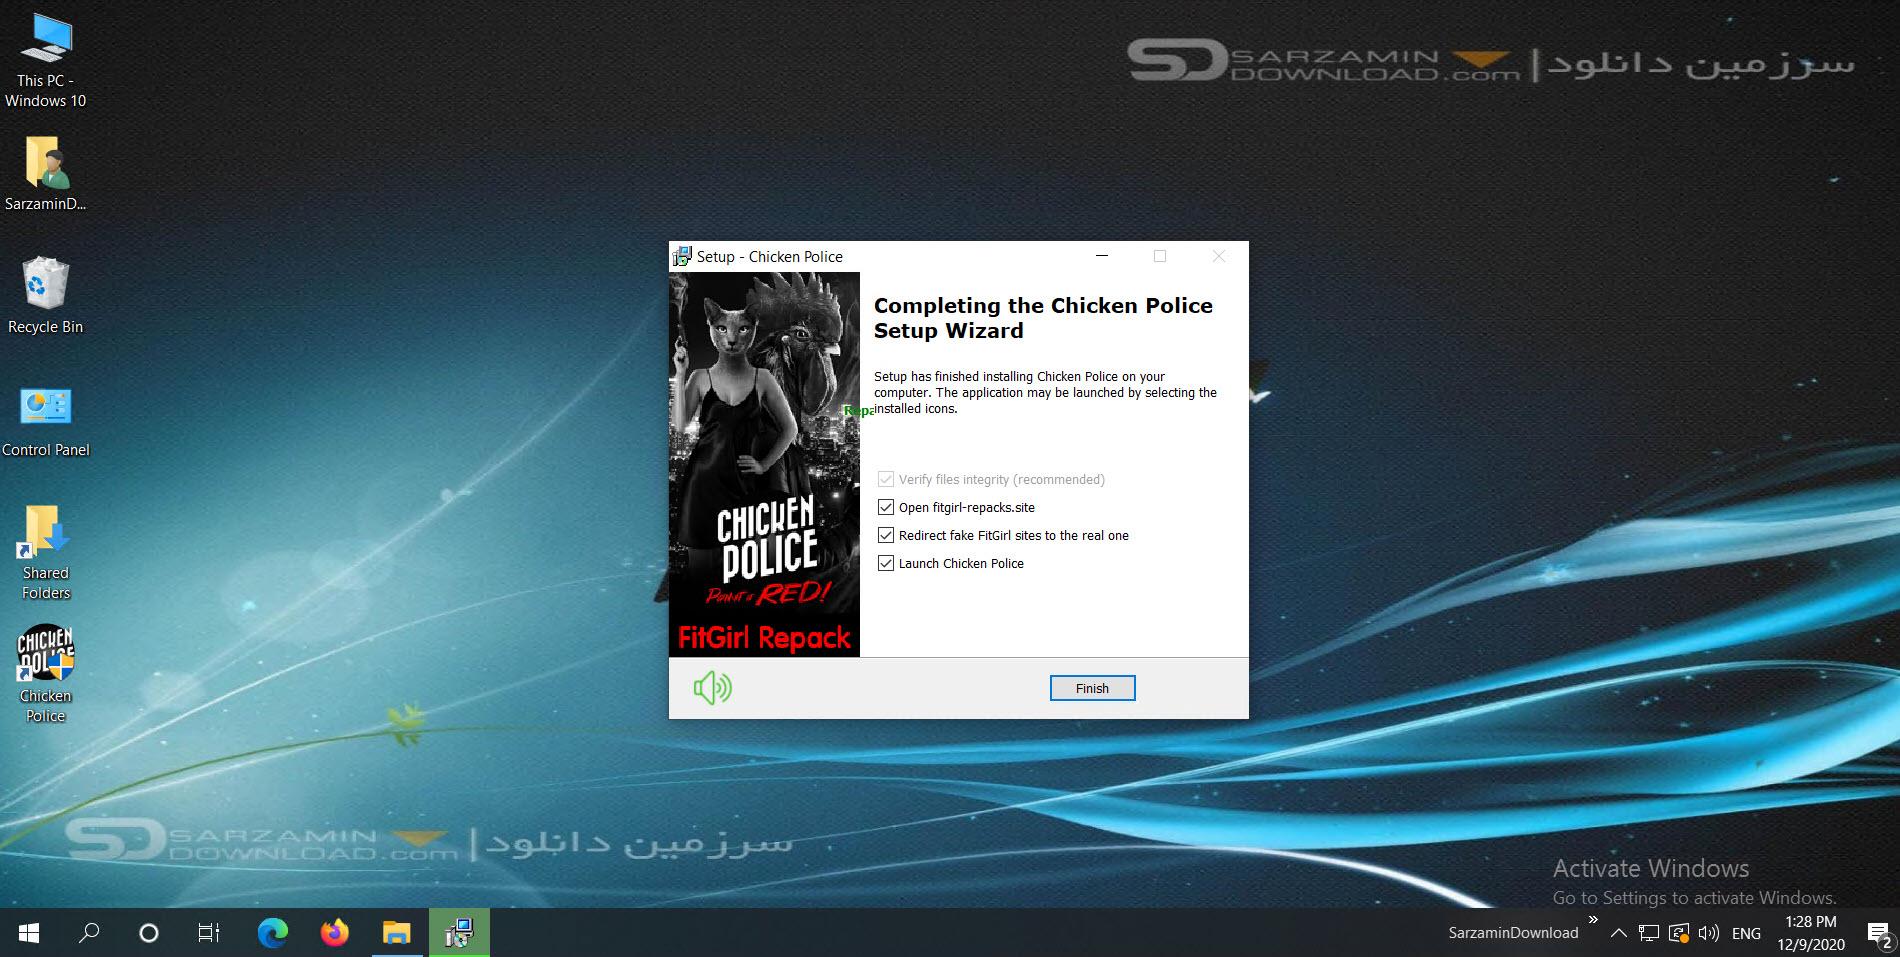 بازی مرغ پلیس (برای کامپیوتر) - CHICKEN POLICE PC Game